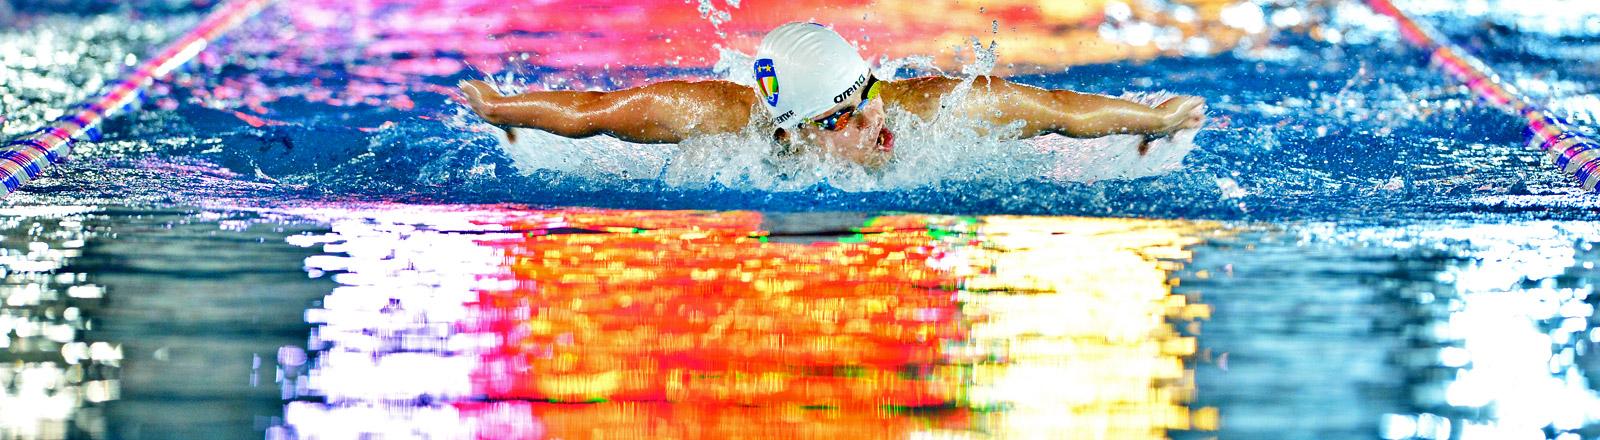 Leistungsschwimmerin im Wasser